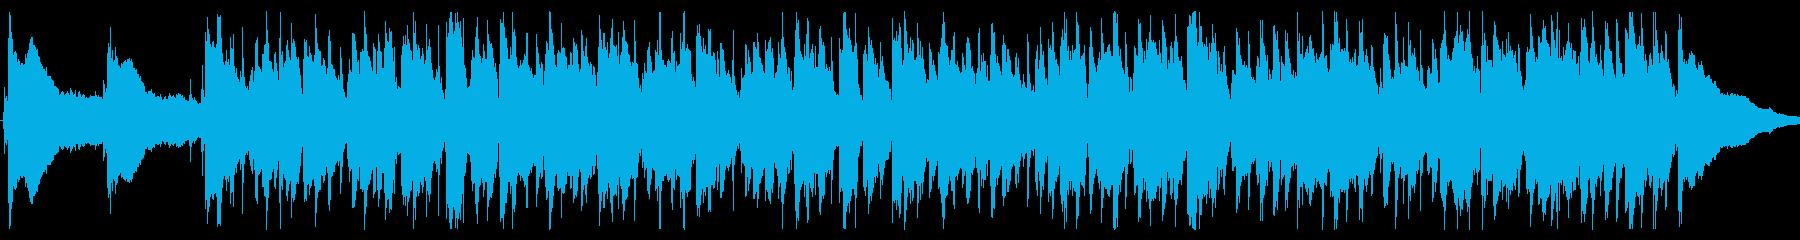 ポジティブでフレンドリーなソフトロ...の再生済みの波形